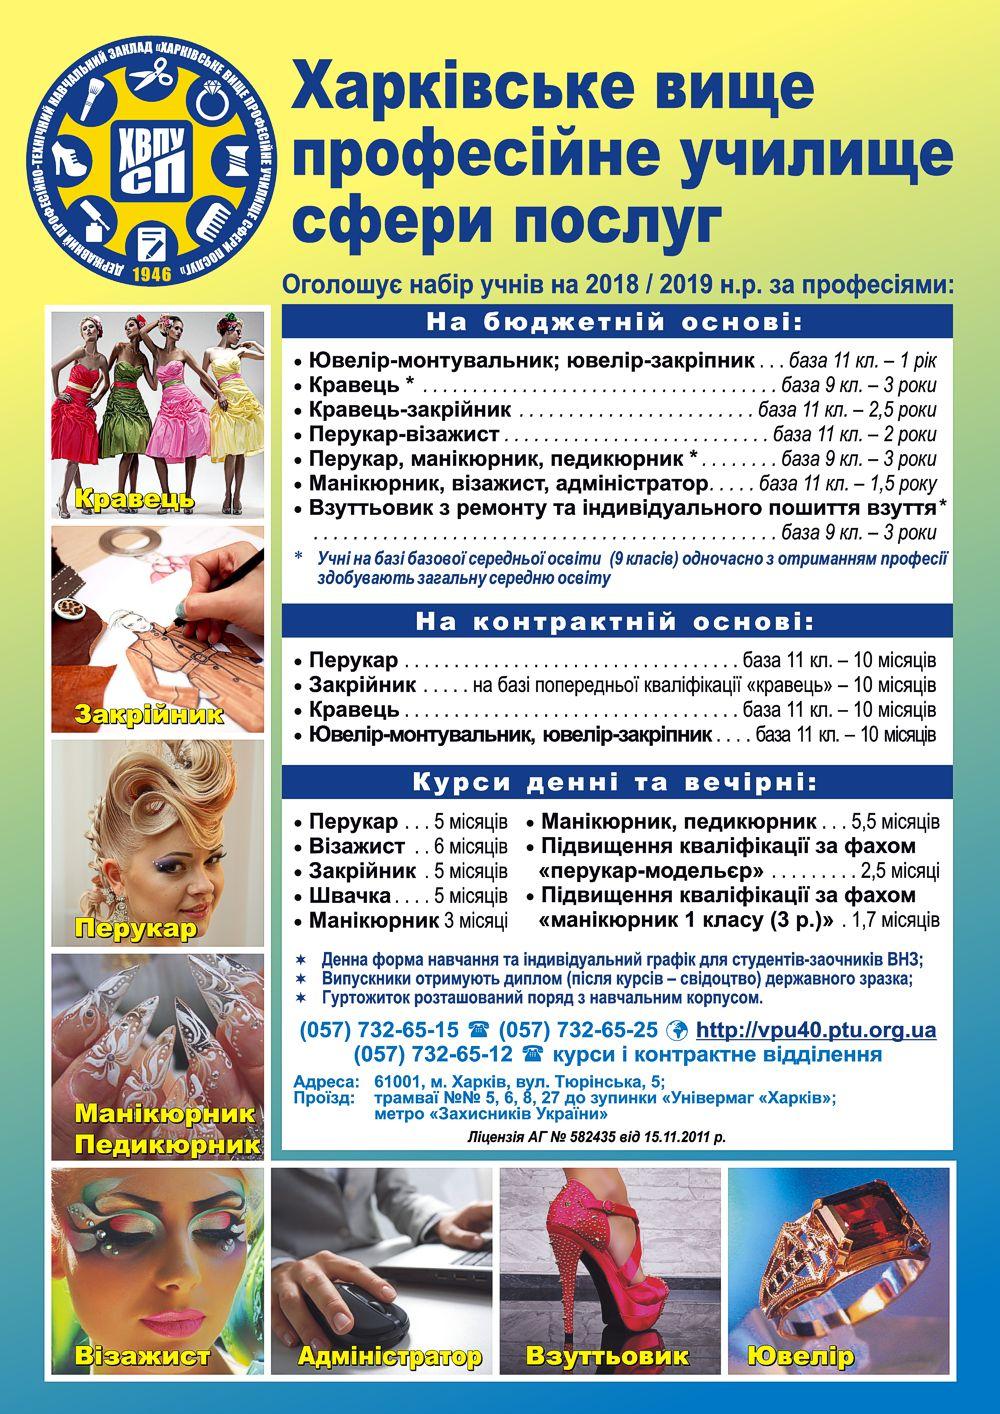 ХВПУ СП_буклет про набір на 2018-2019_ А4 на 1 стор_січень 2018